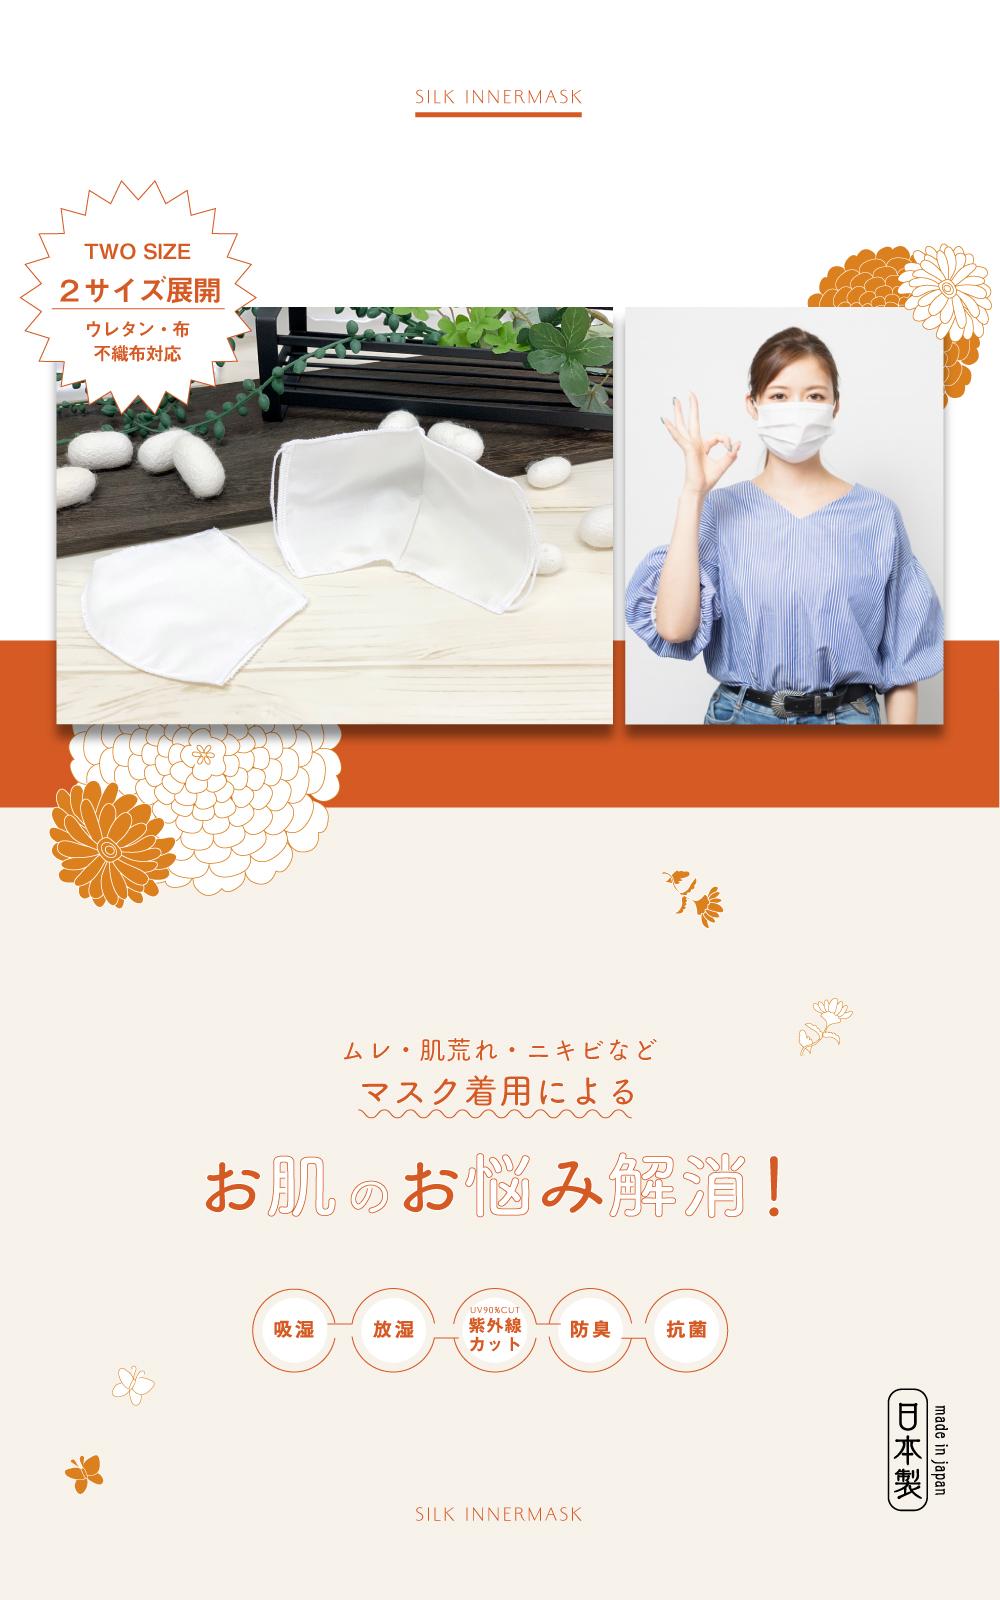 インナーマスク,シルクインナーマスク,日本製,立体,肌に優しい